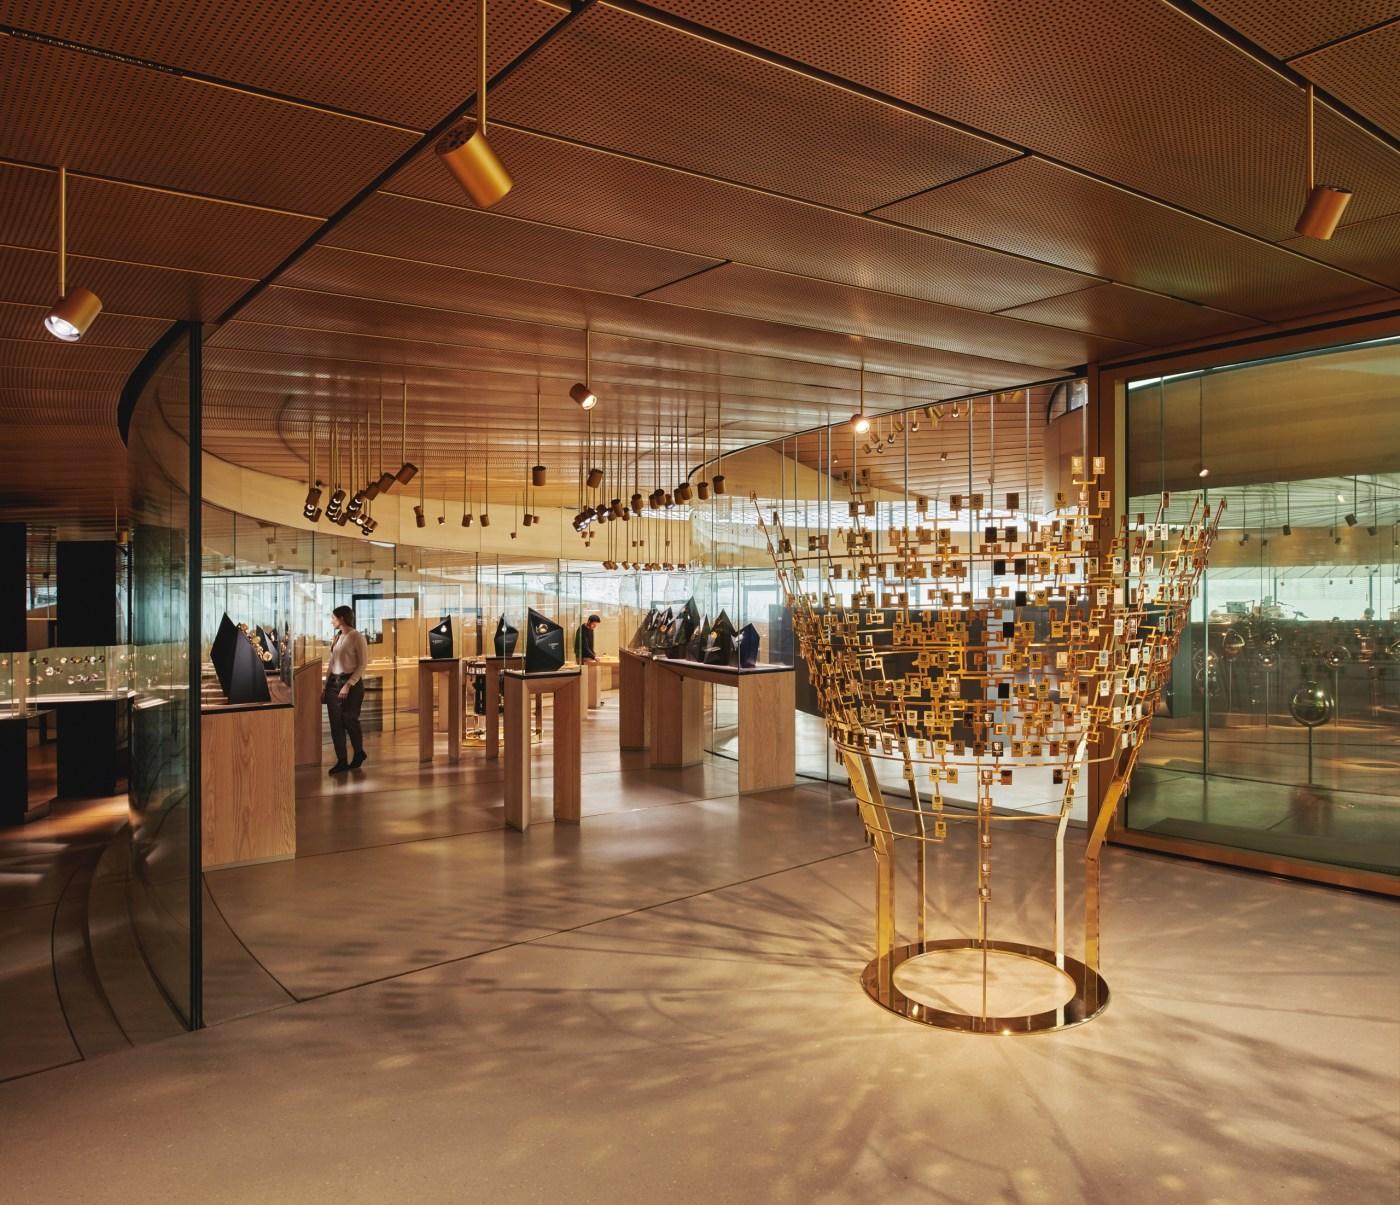 2020 Audemars Piguet Museum Interior